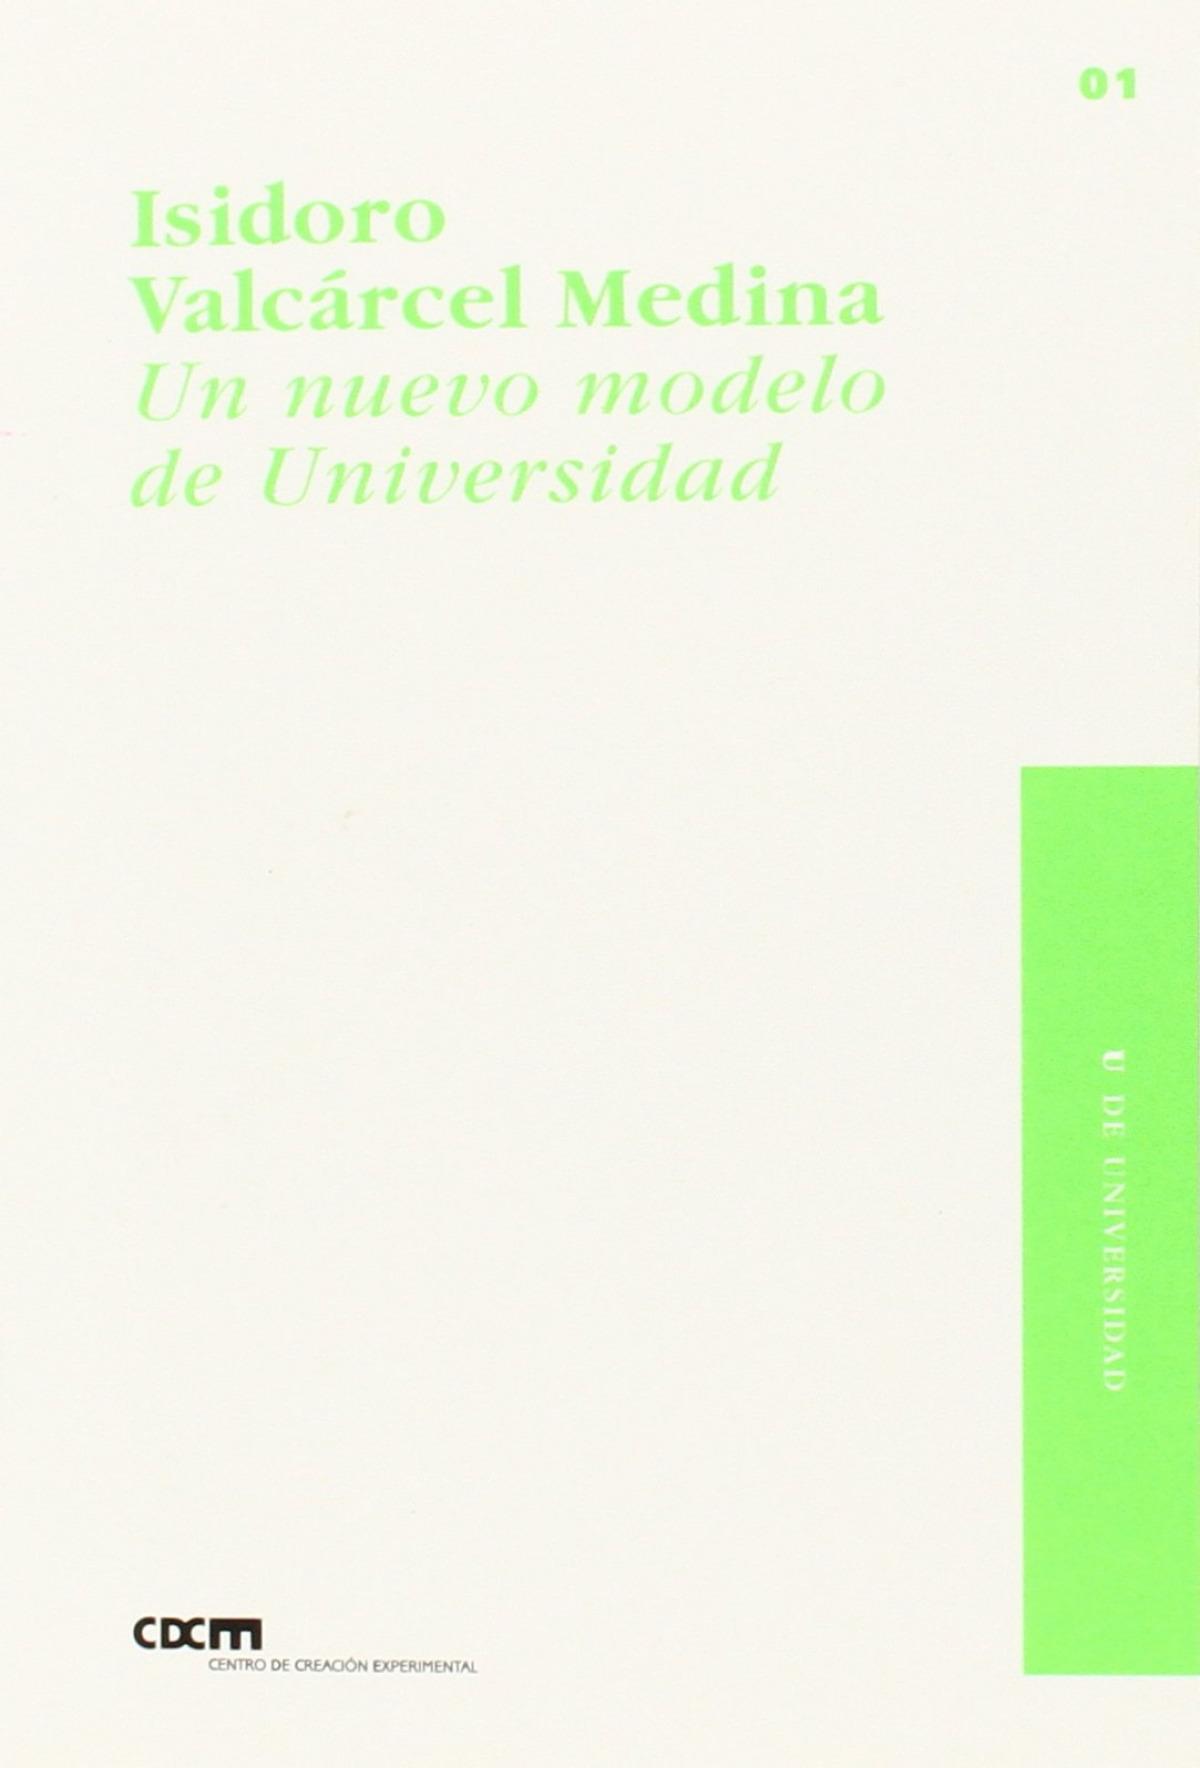 Un nuevo modelo de Universidad - Valcárcel Medina, Isidoro